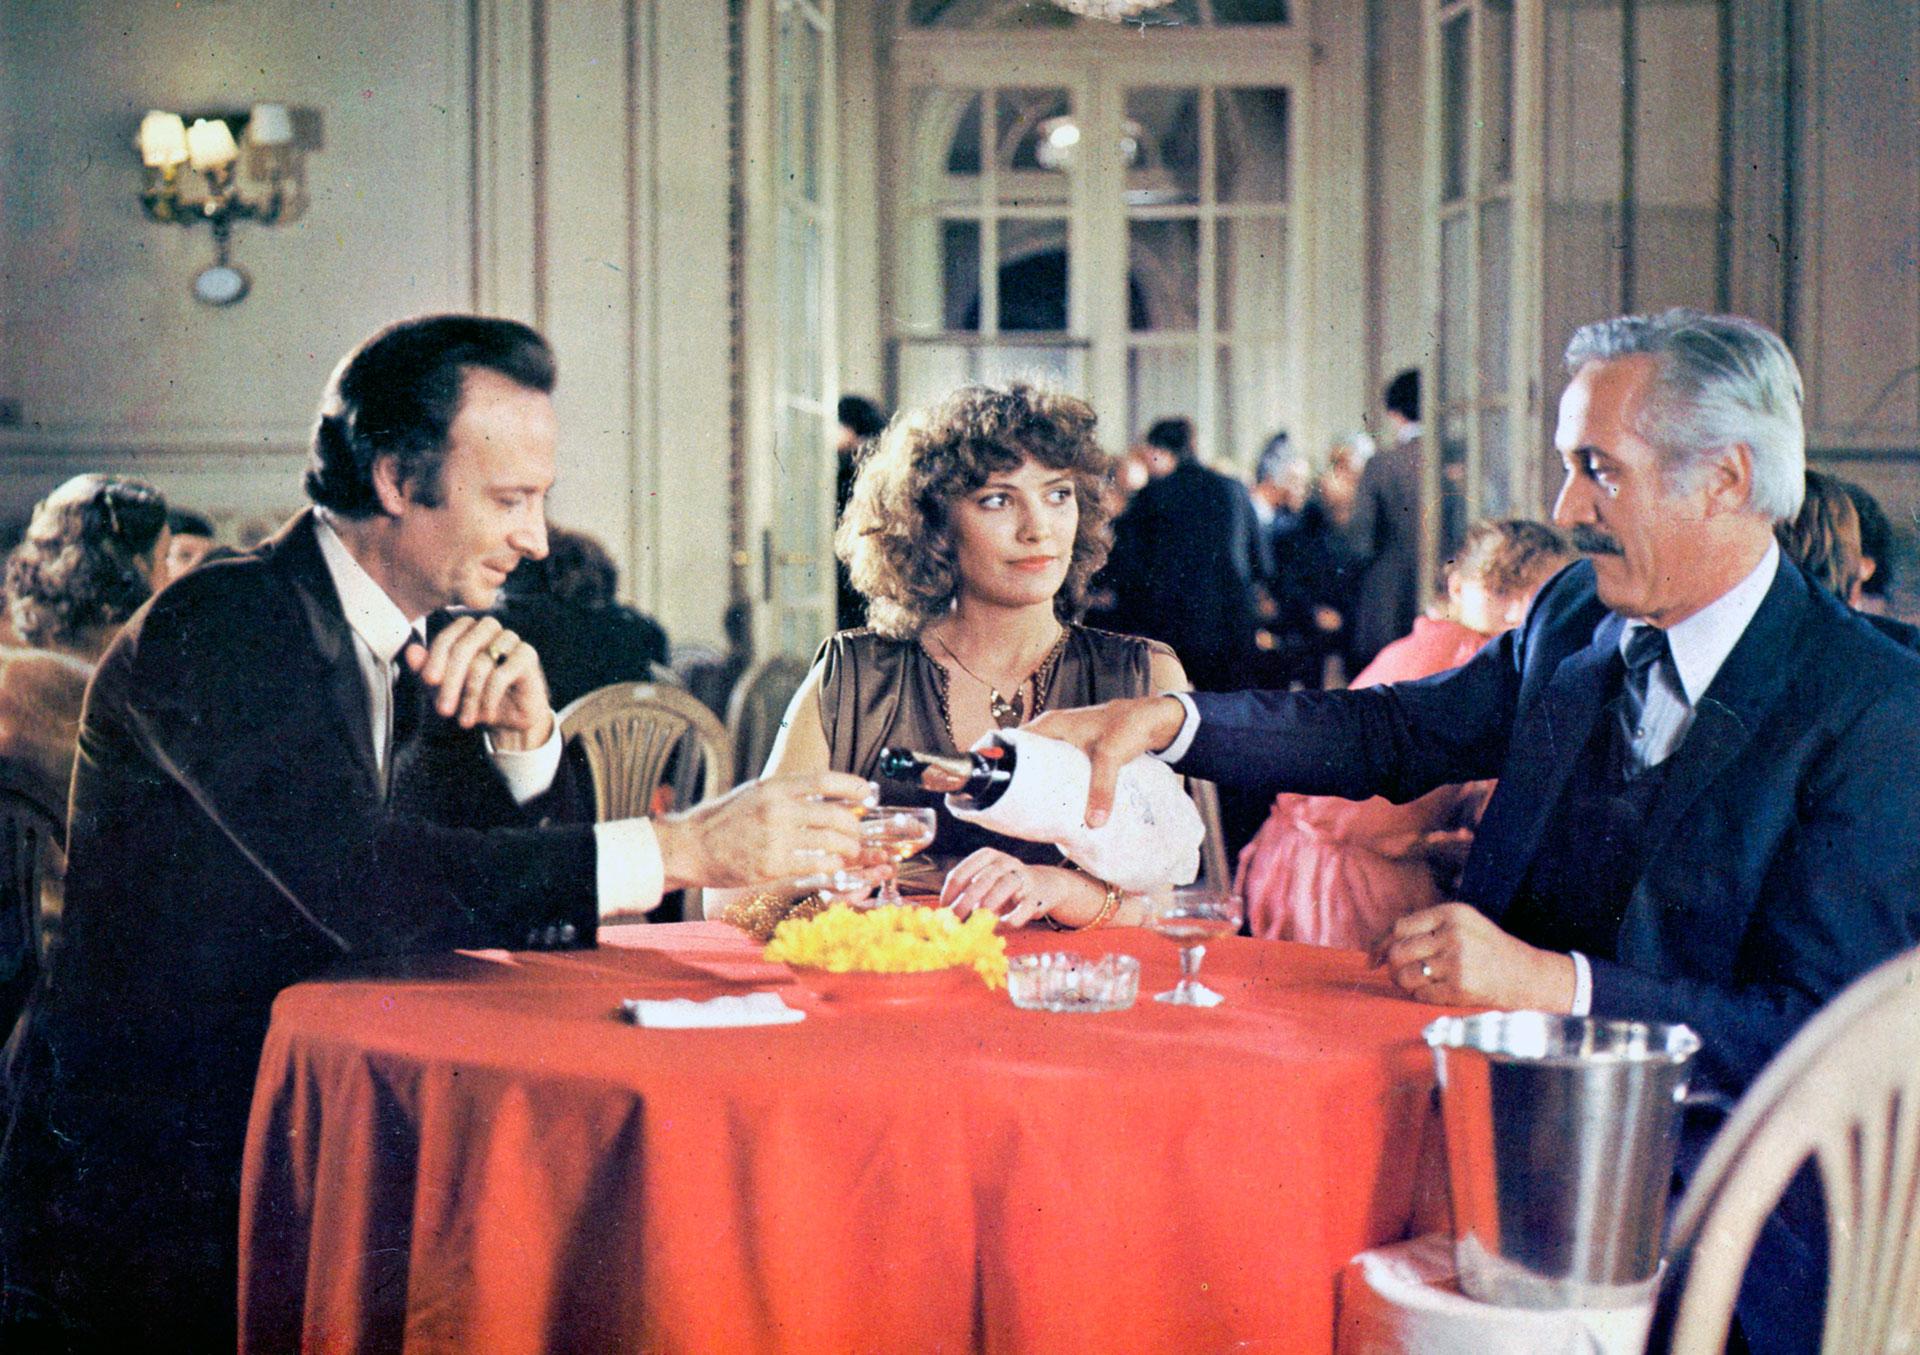 En Plata Dulce. Fue estrenada el 8 de julio de 1982 y recibió el Cóndor de Plata a Mejor película en 1983.